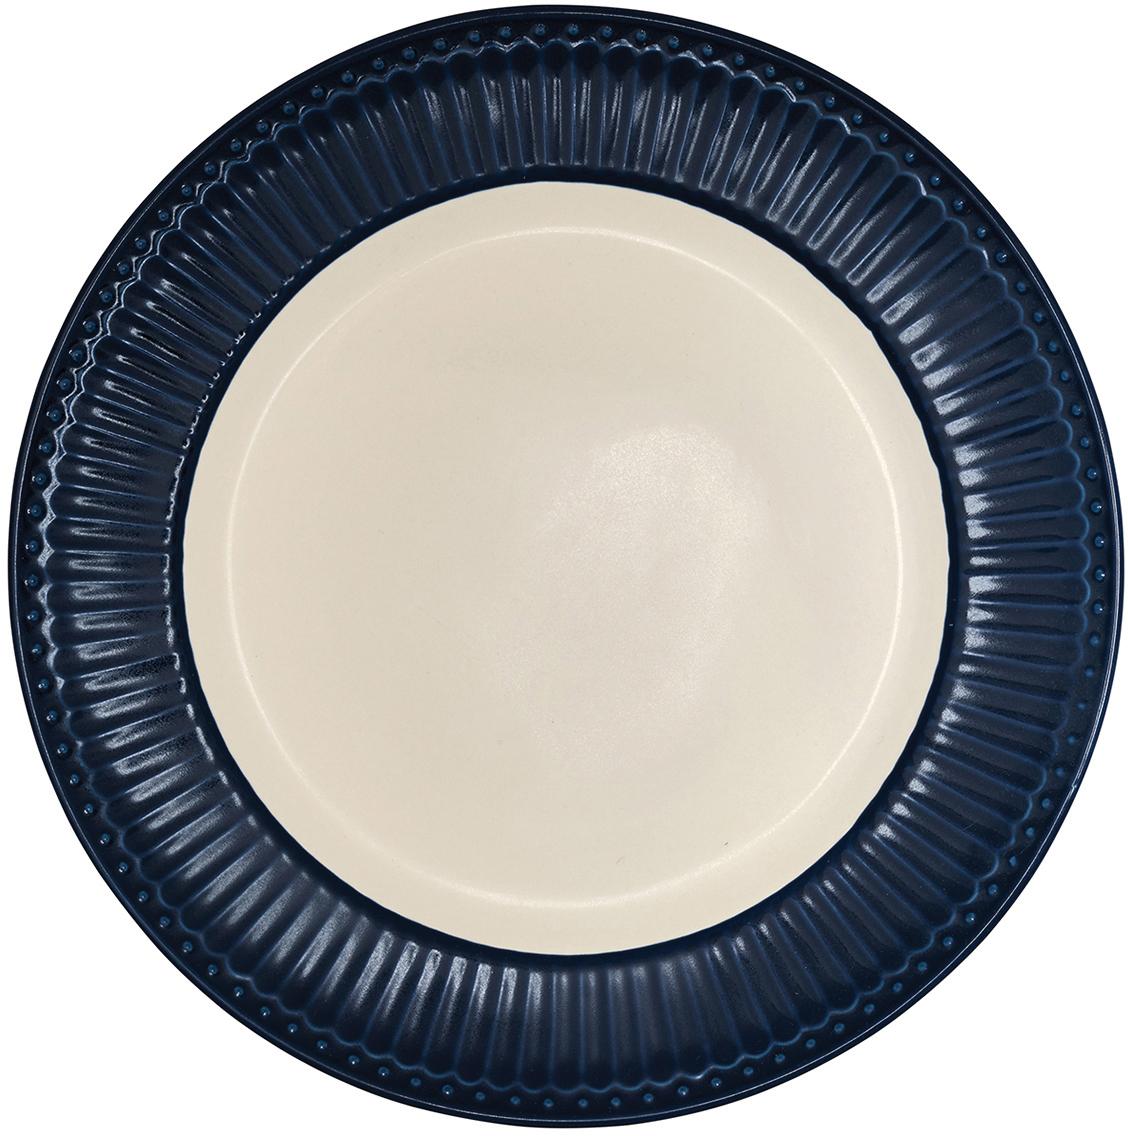 Тарелка Alice, цвет: темно-синий, диаметр 27 смSTWDINAALI2206Блюдо Alice dark blue, выполненное из высококачественного фарфора, может исполнять роль сервировочной тарелки, а также использоваться самостоятельно – как блюдо для овощей, фруктов, различных нарезок.